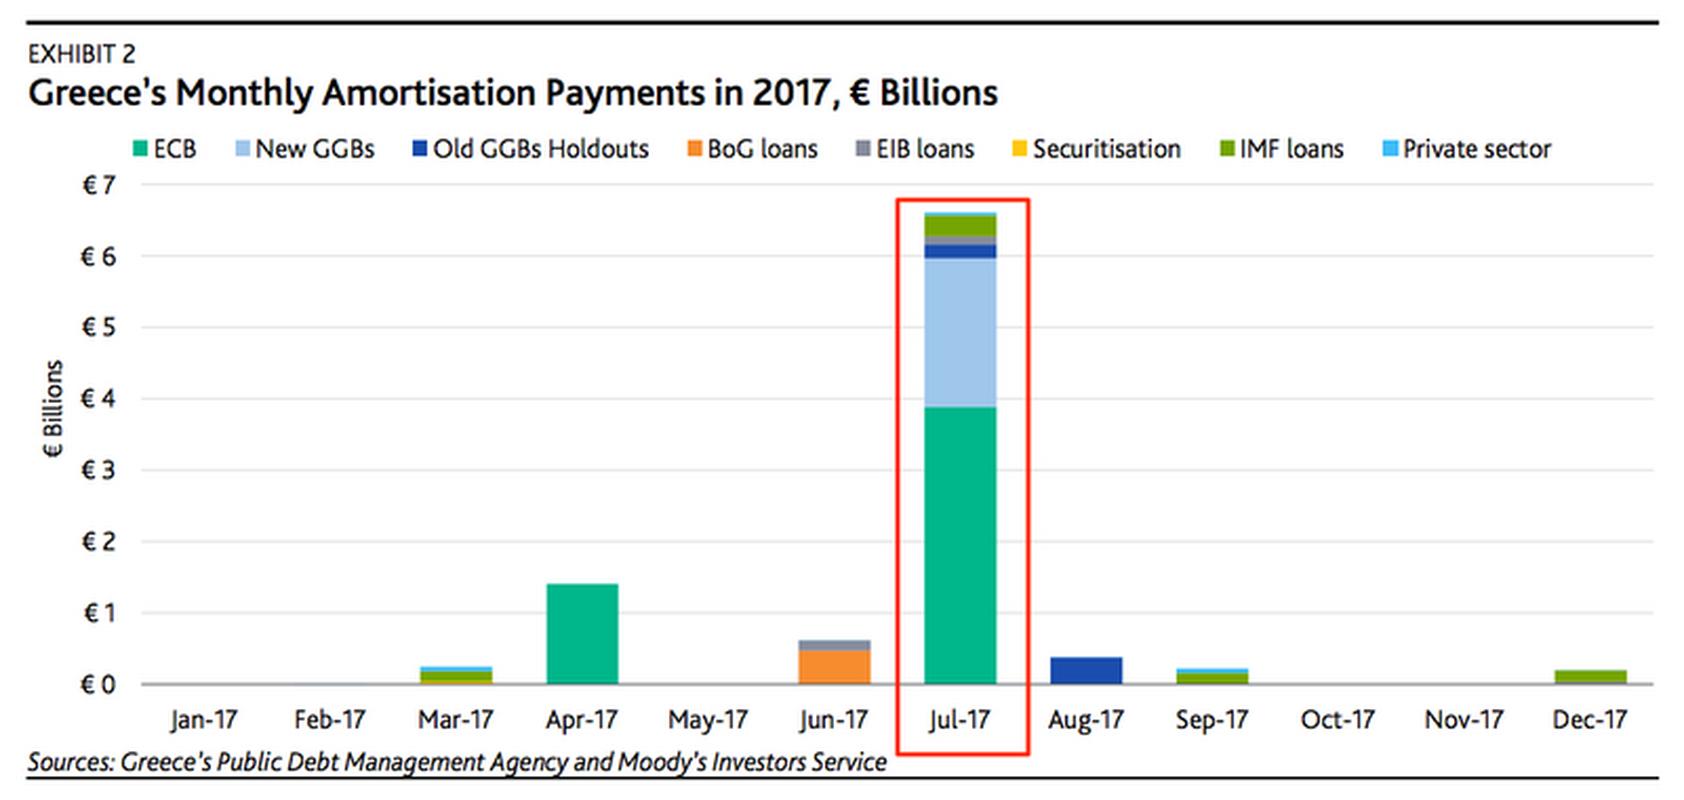 Miesięczne spłaty amortyzacji przez Grecję w 2017 roku, w mld euro